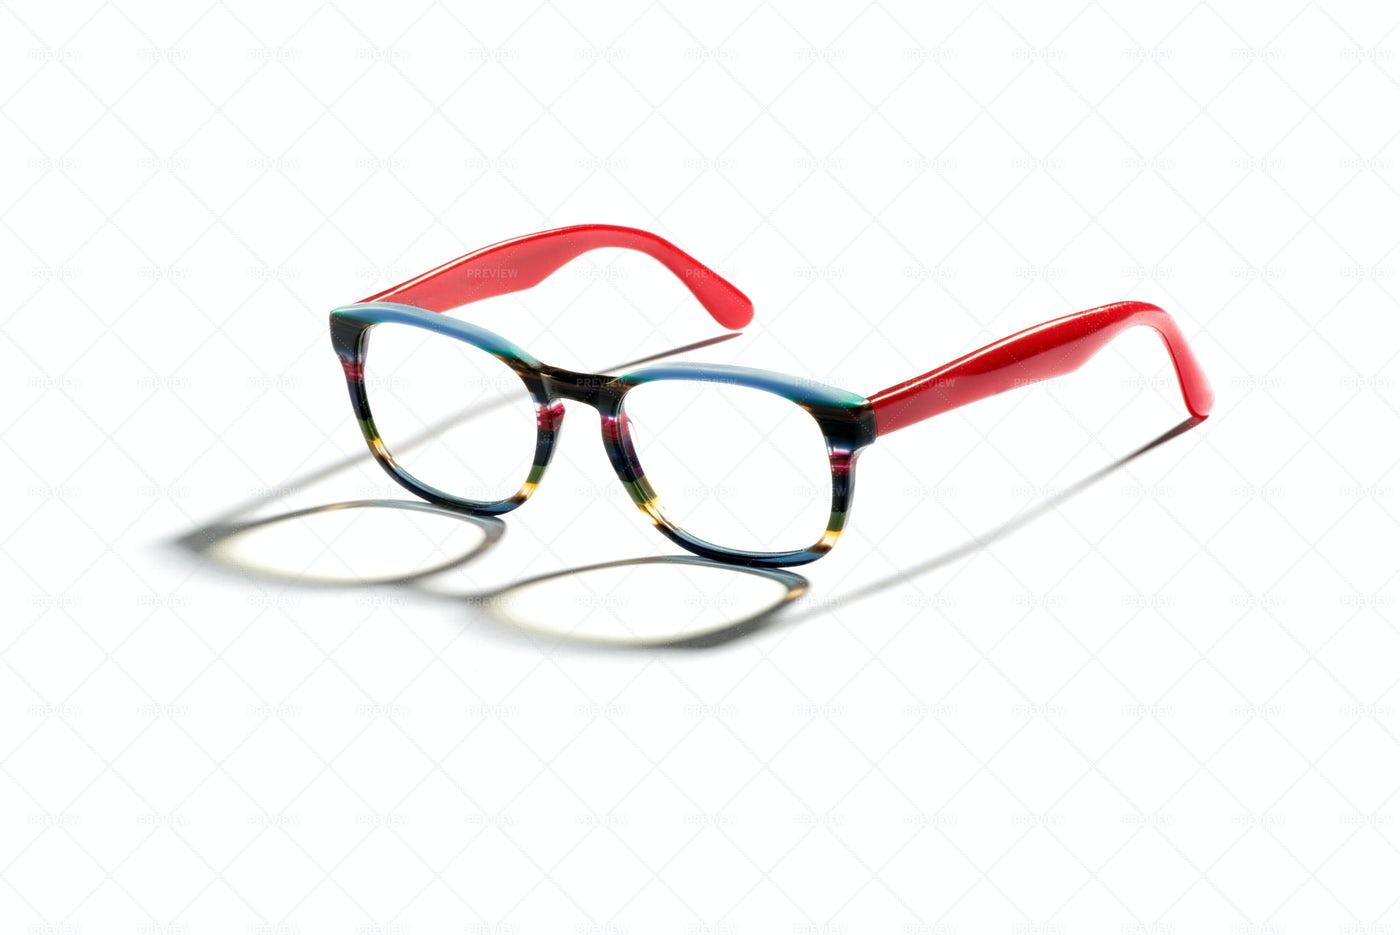 Stylish Multicolored Eyeglasses: Stock Photos